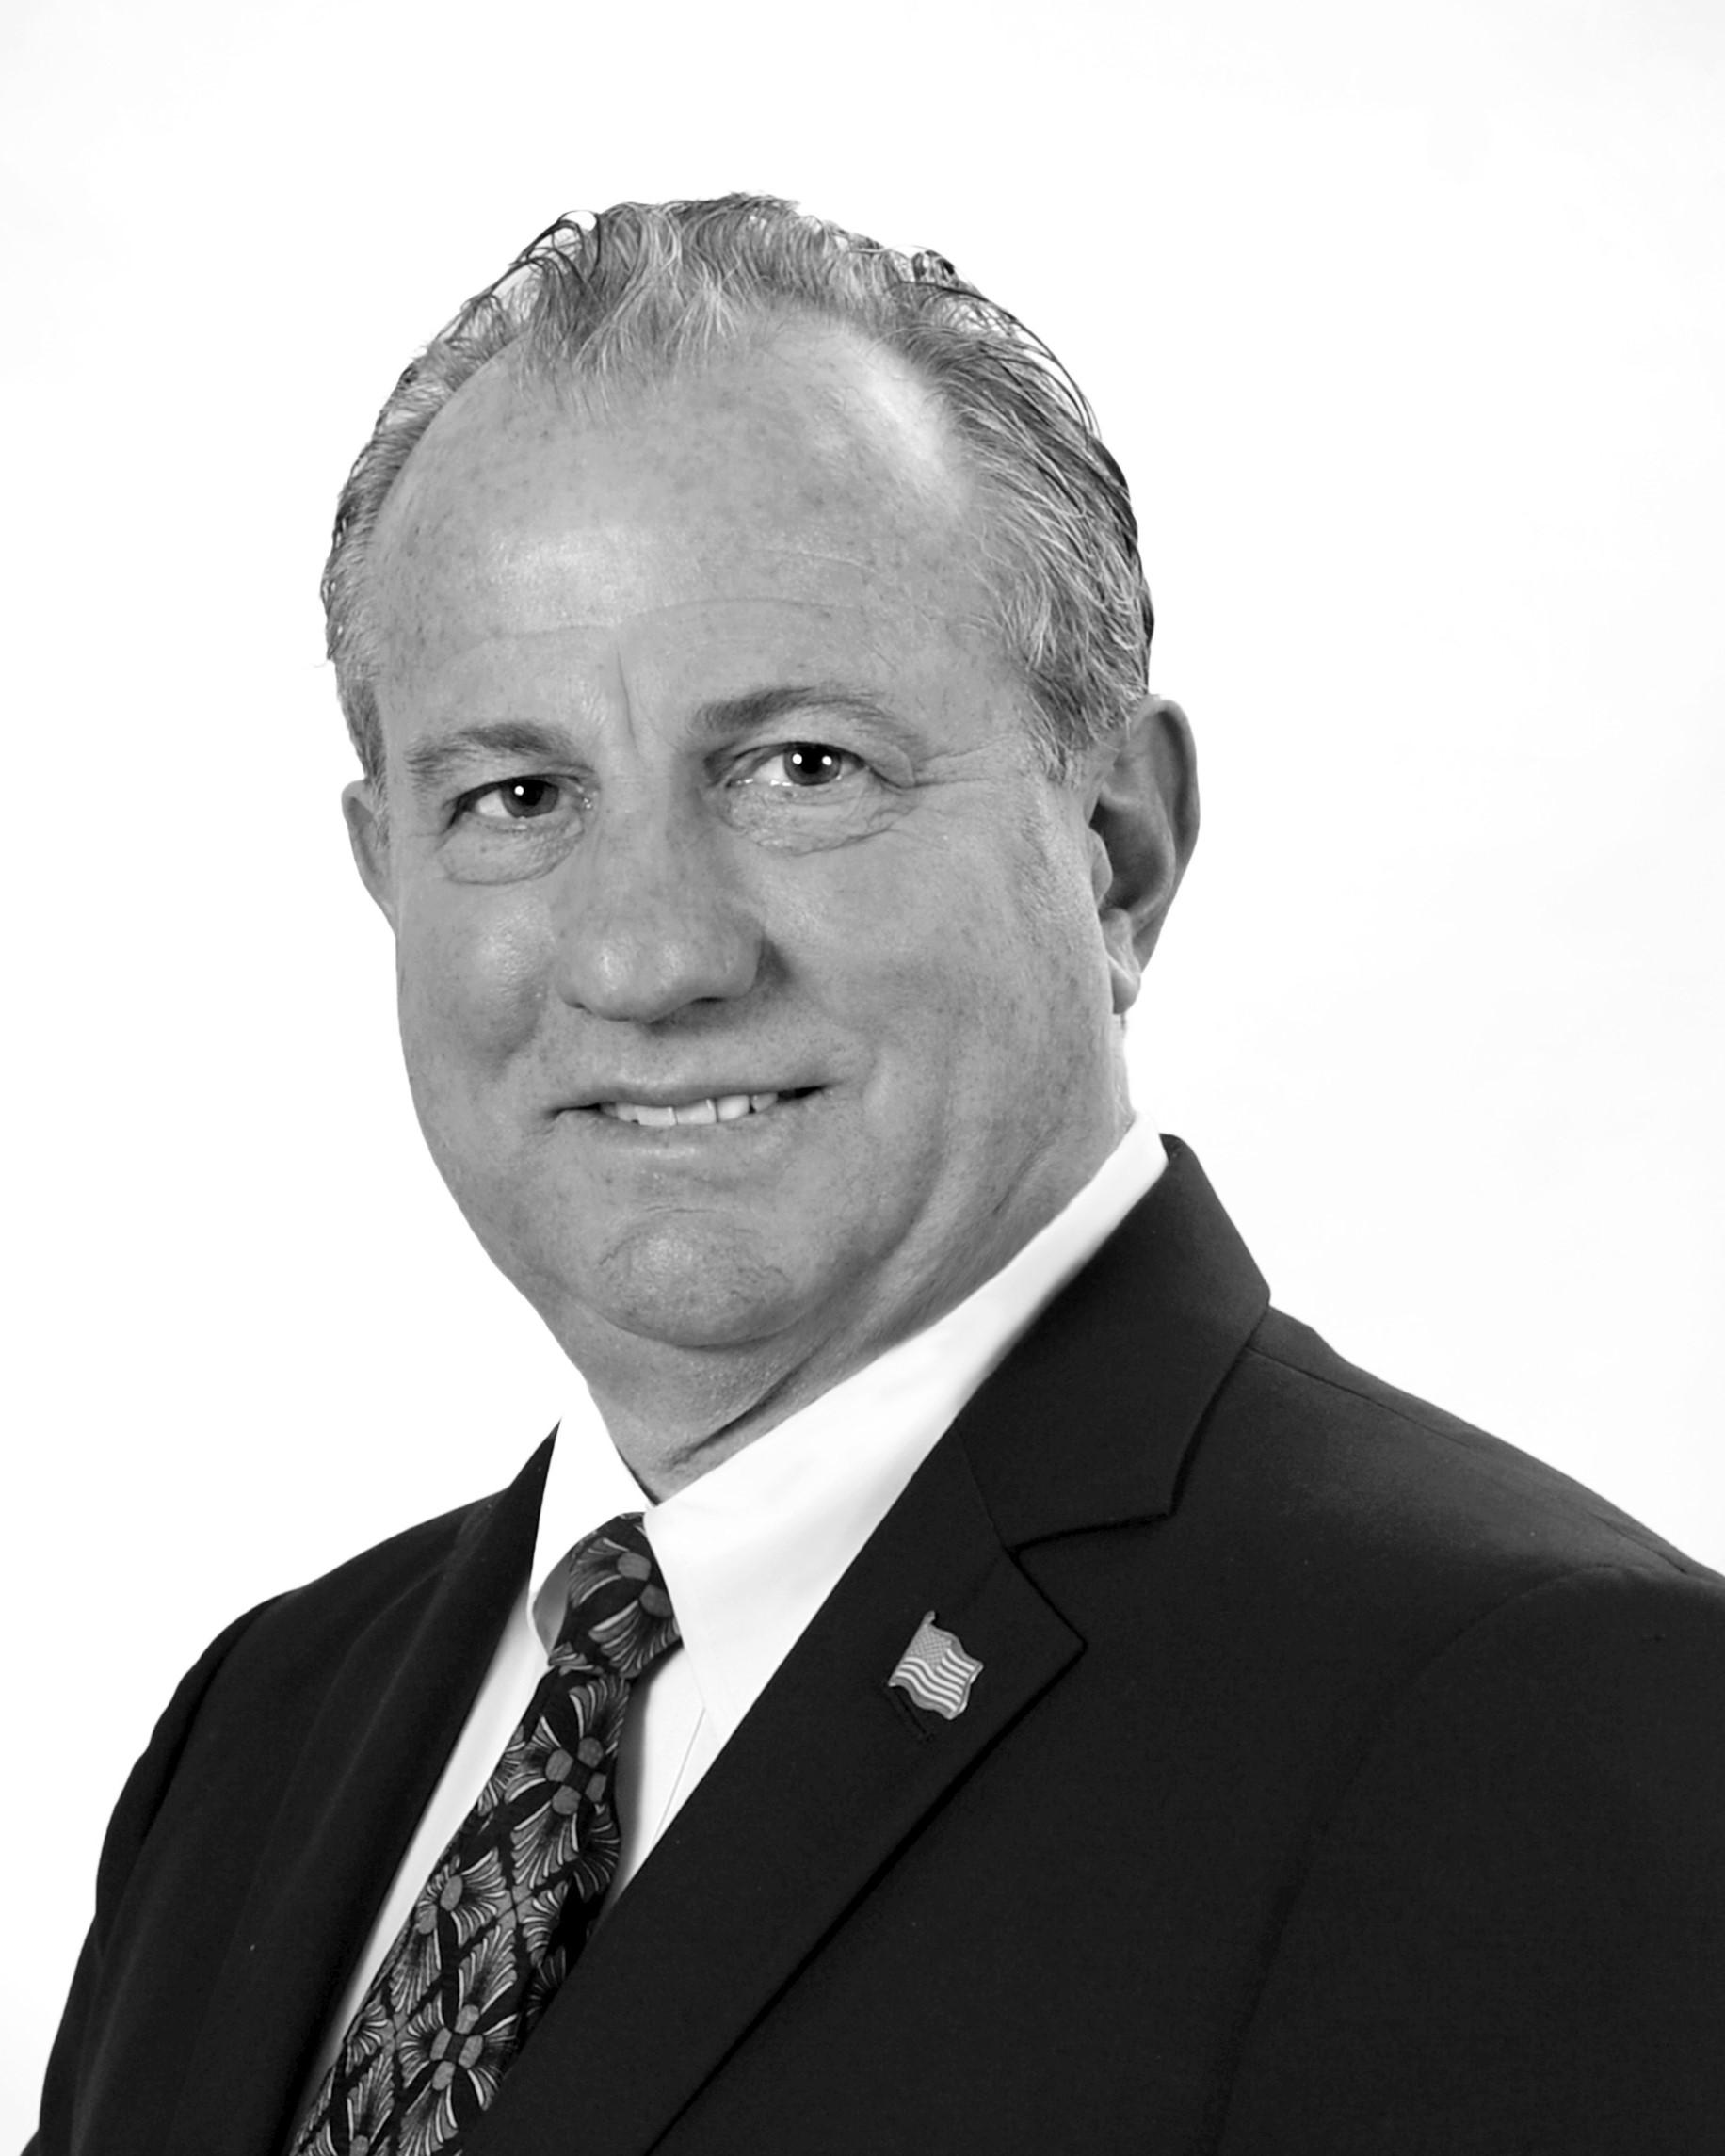 Gil Poudrier